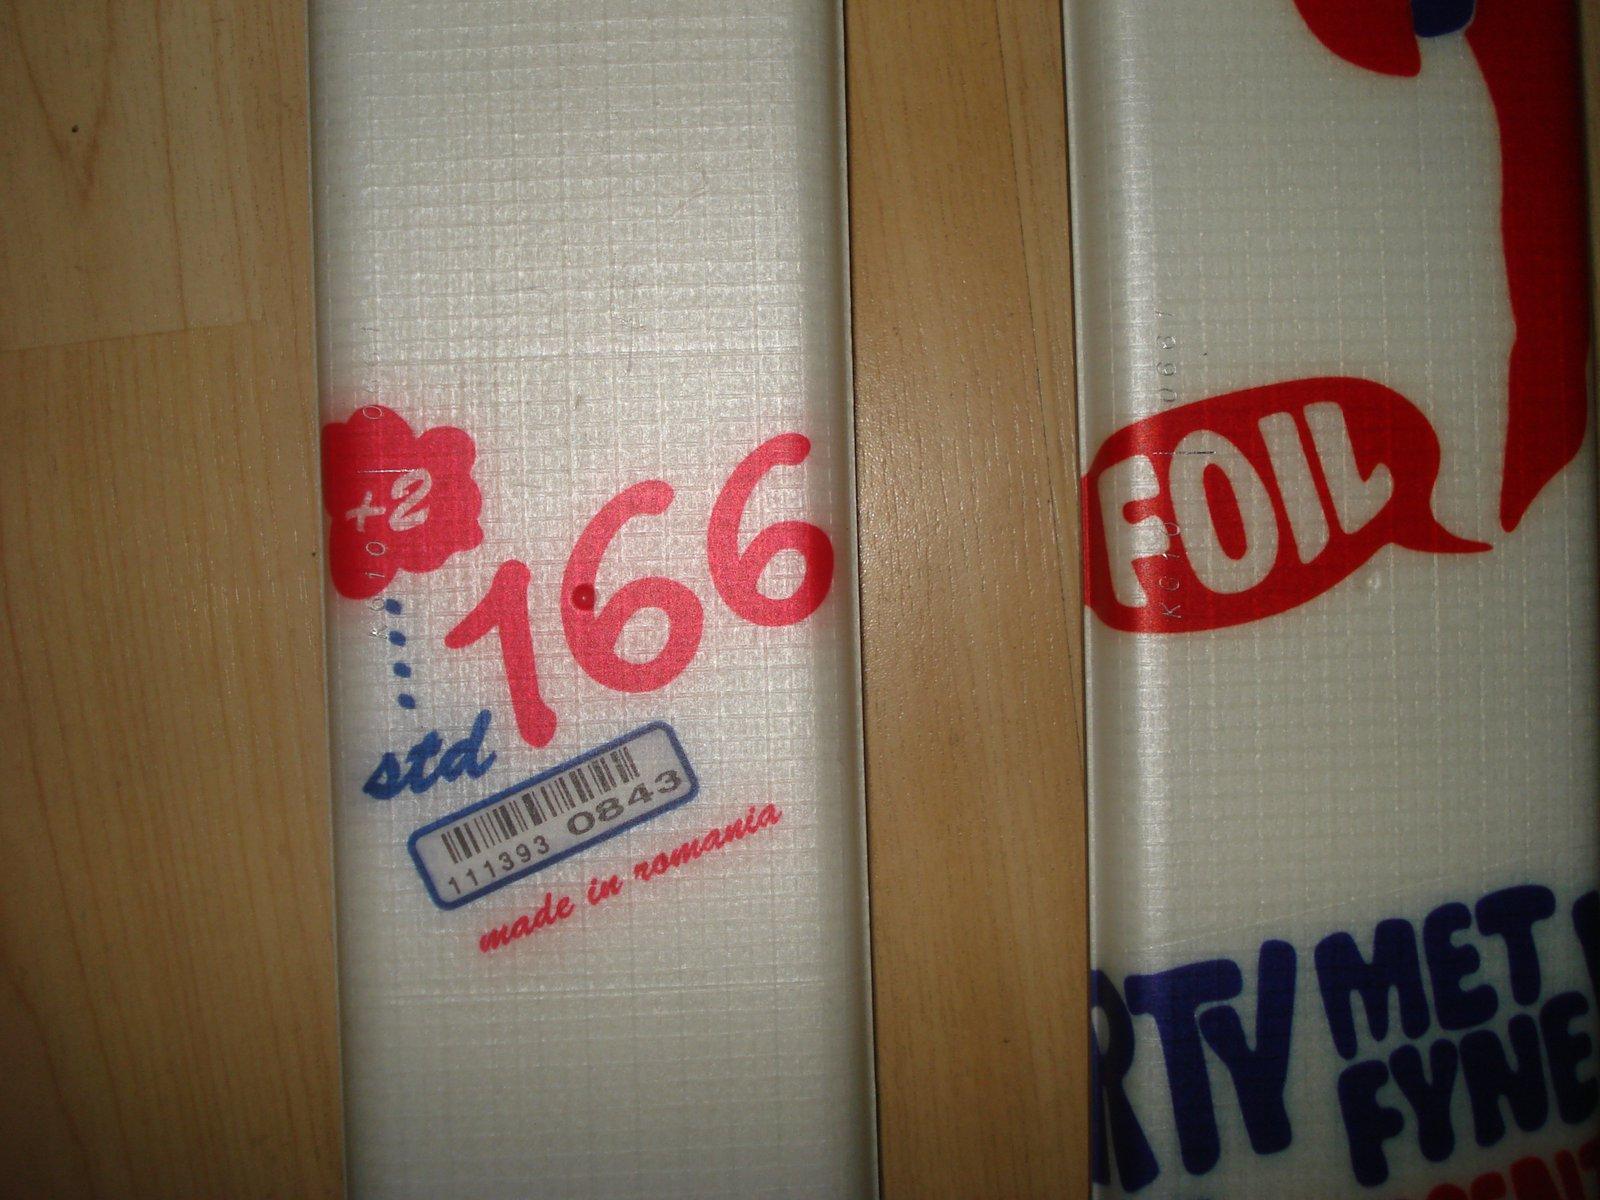 166 foil 5